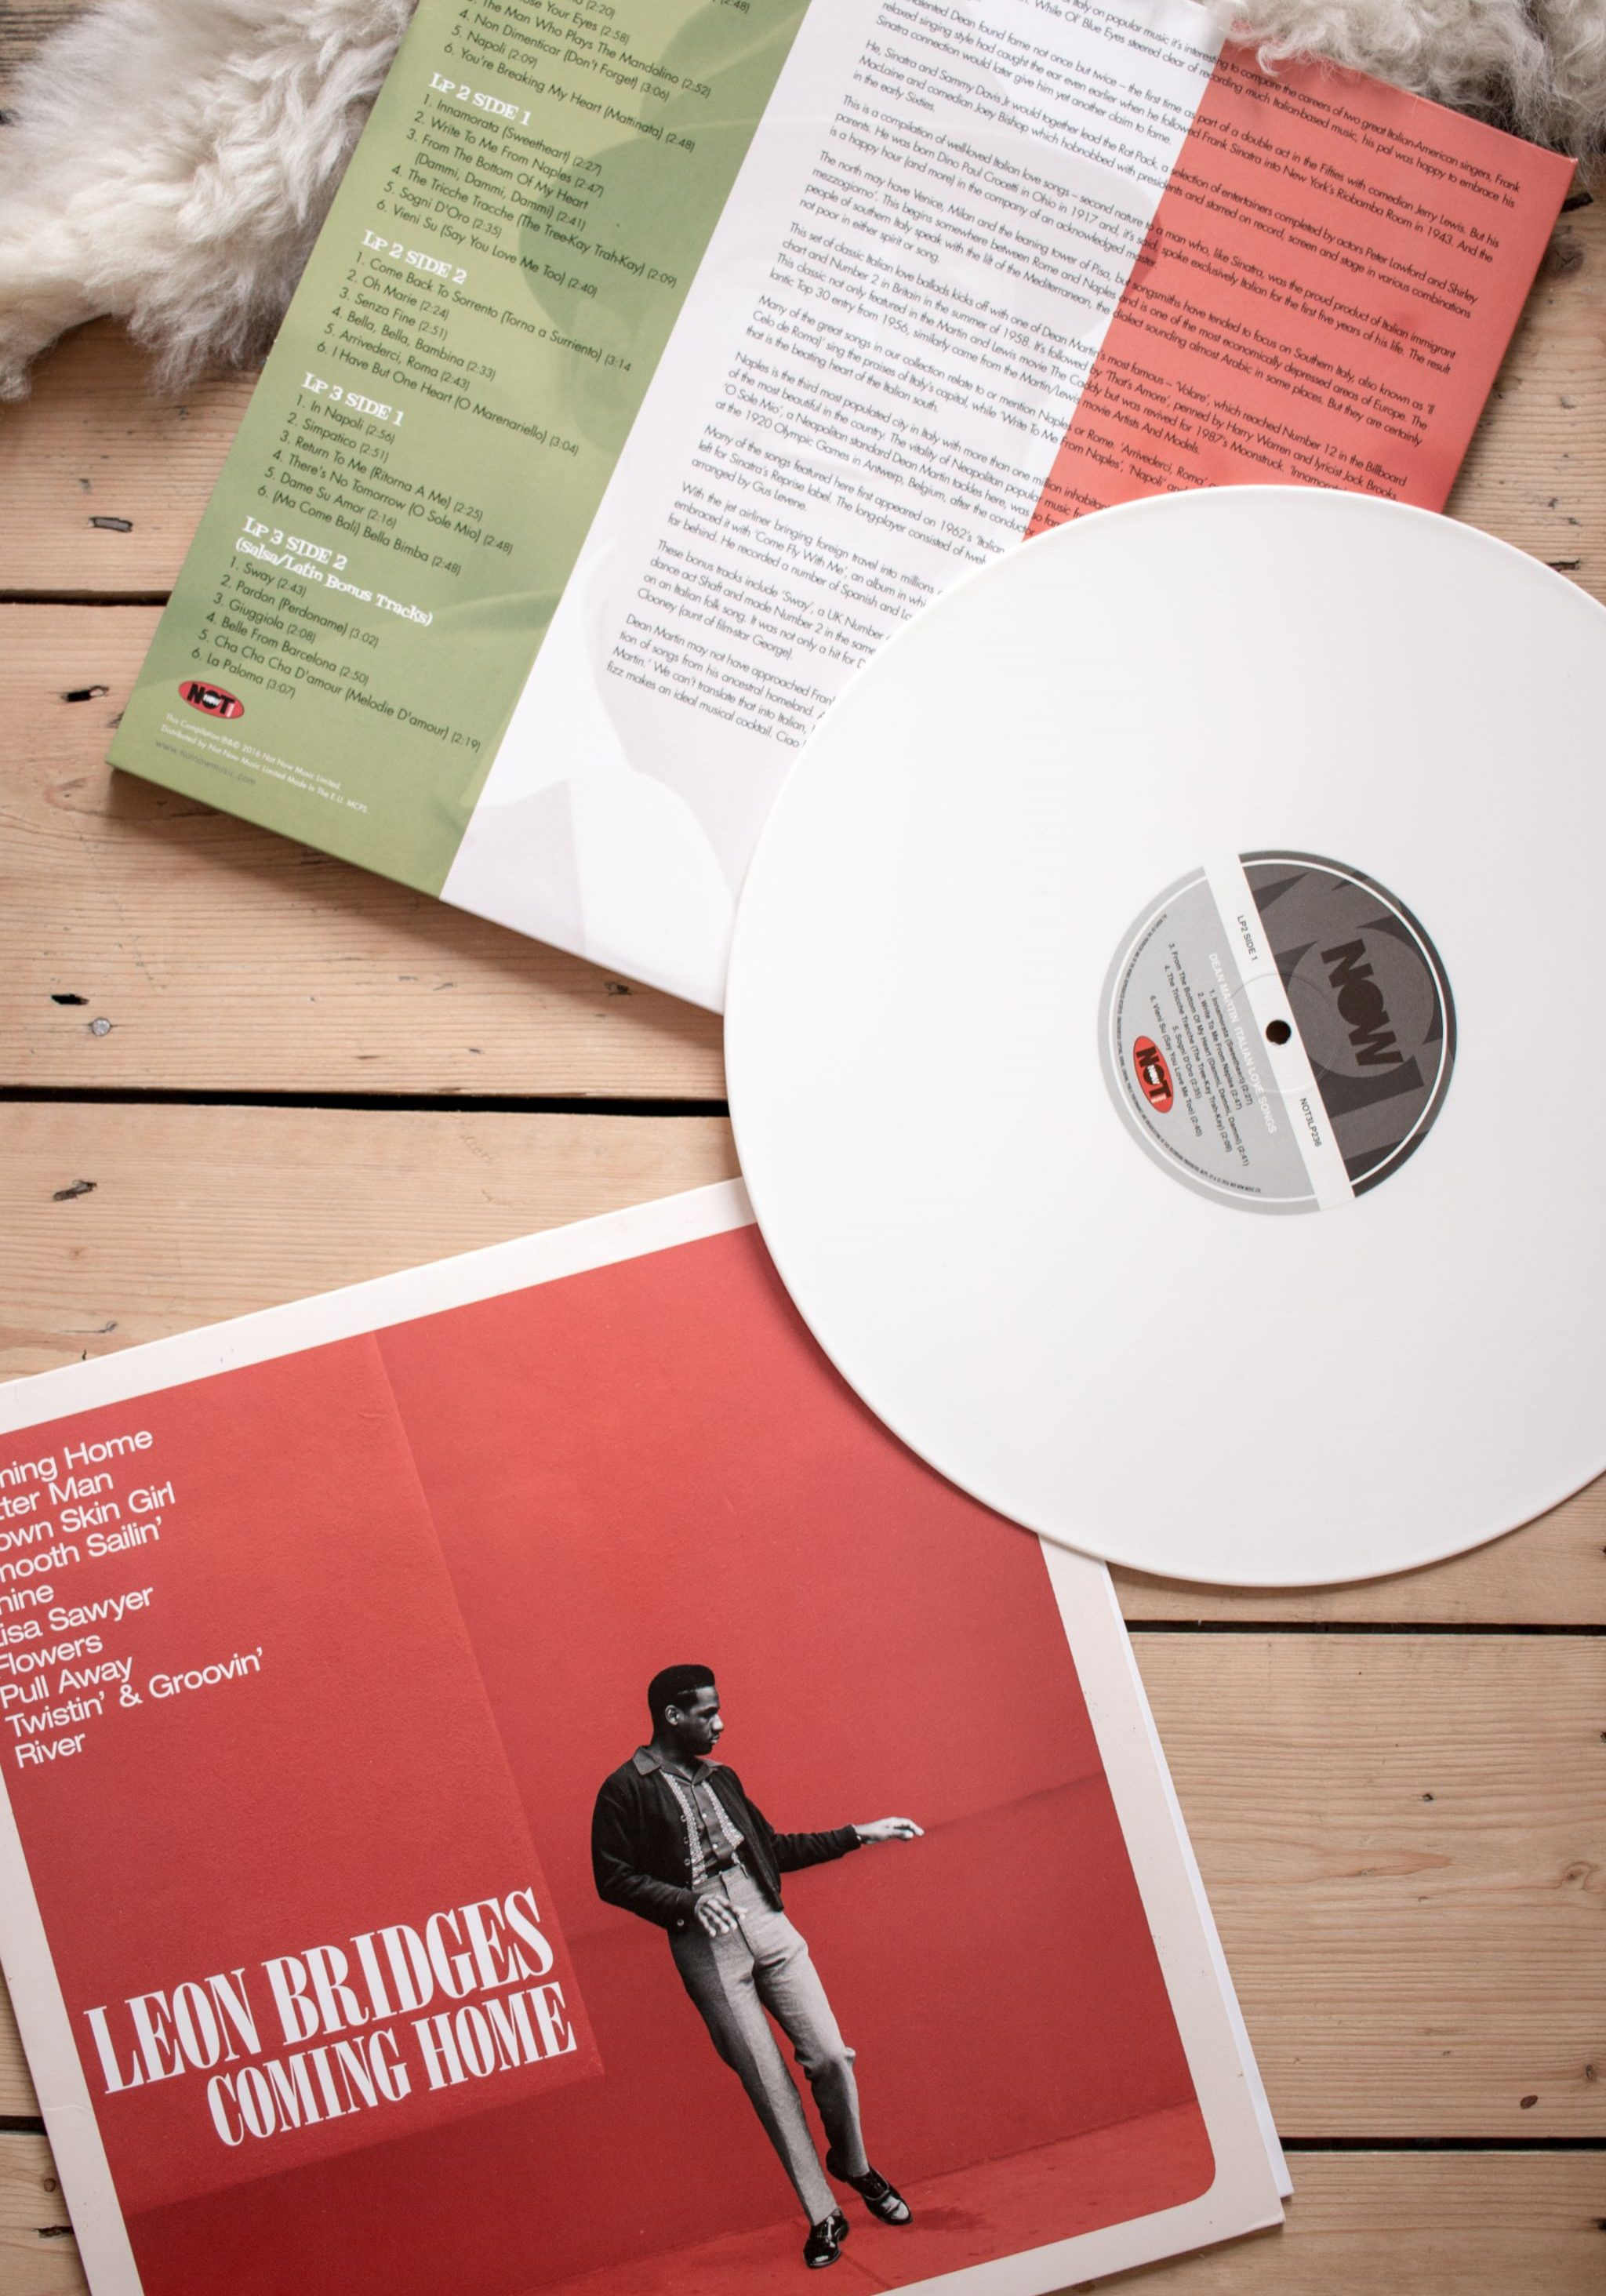 vinyl-collection-leon-bridges-dean-martin